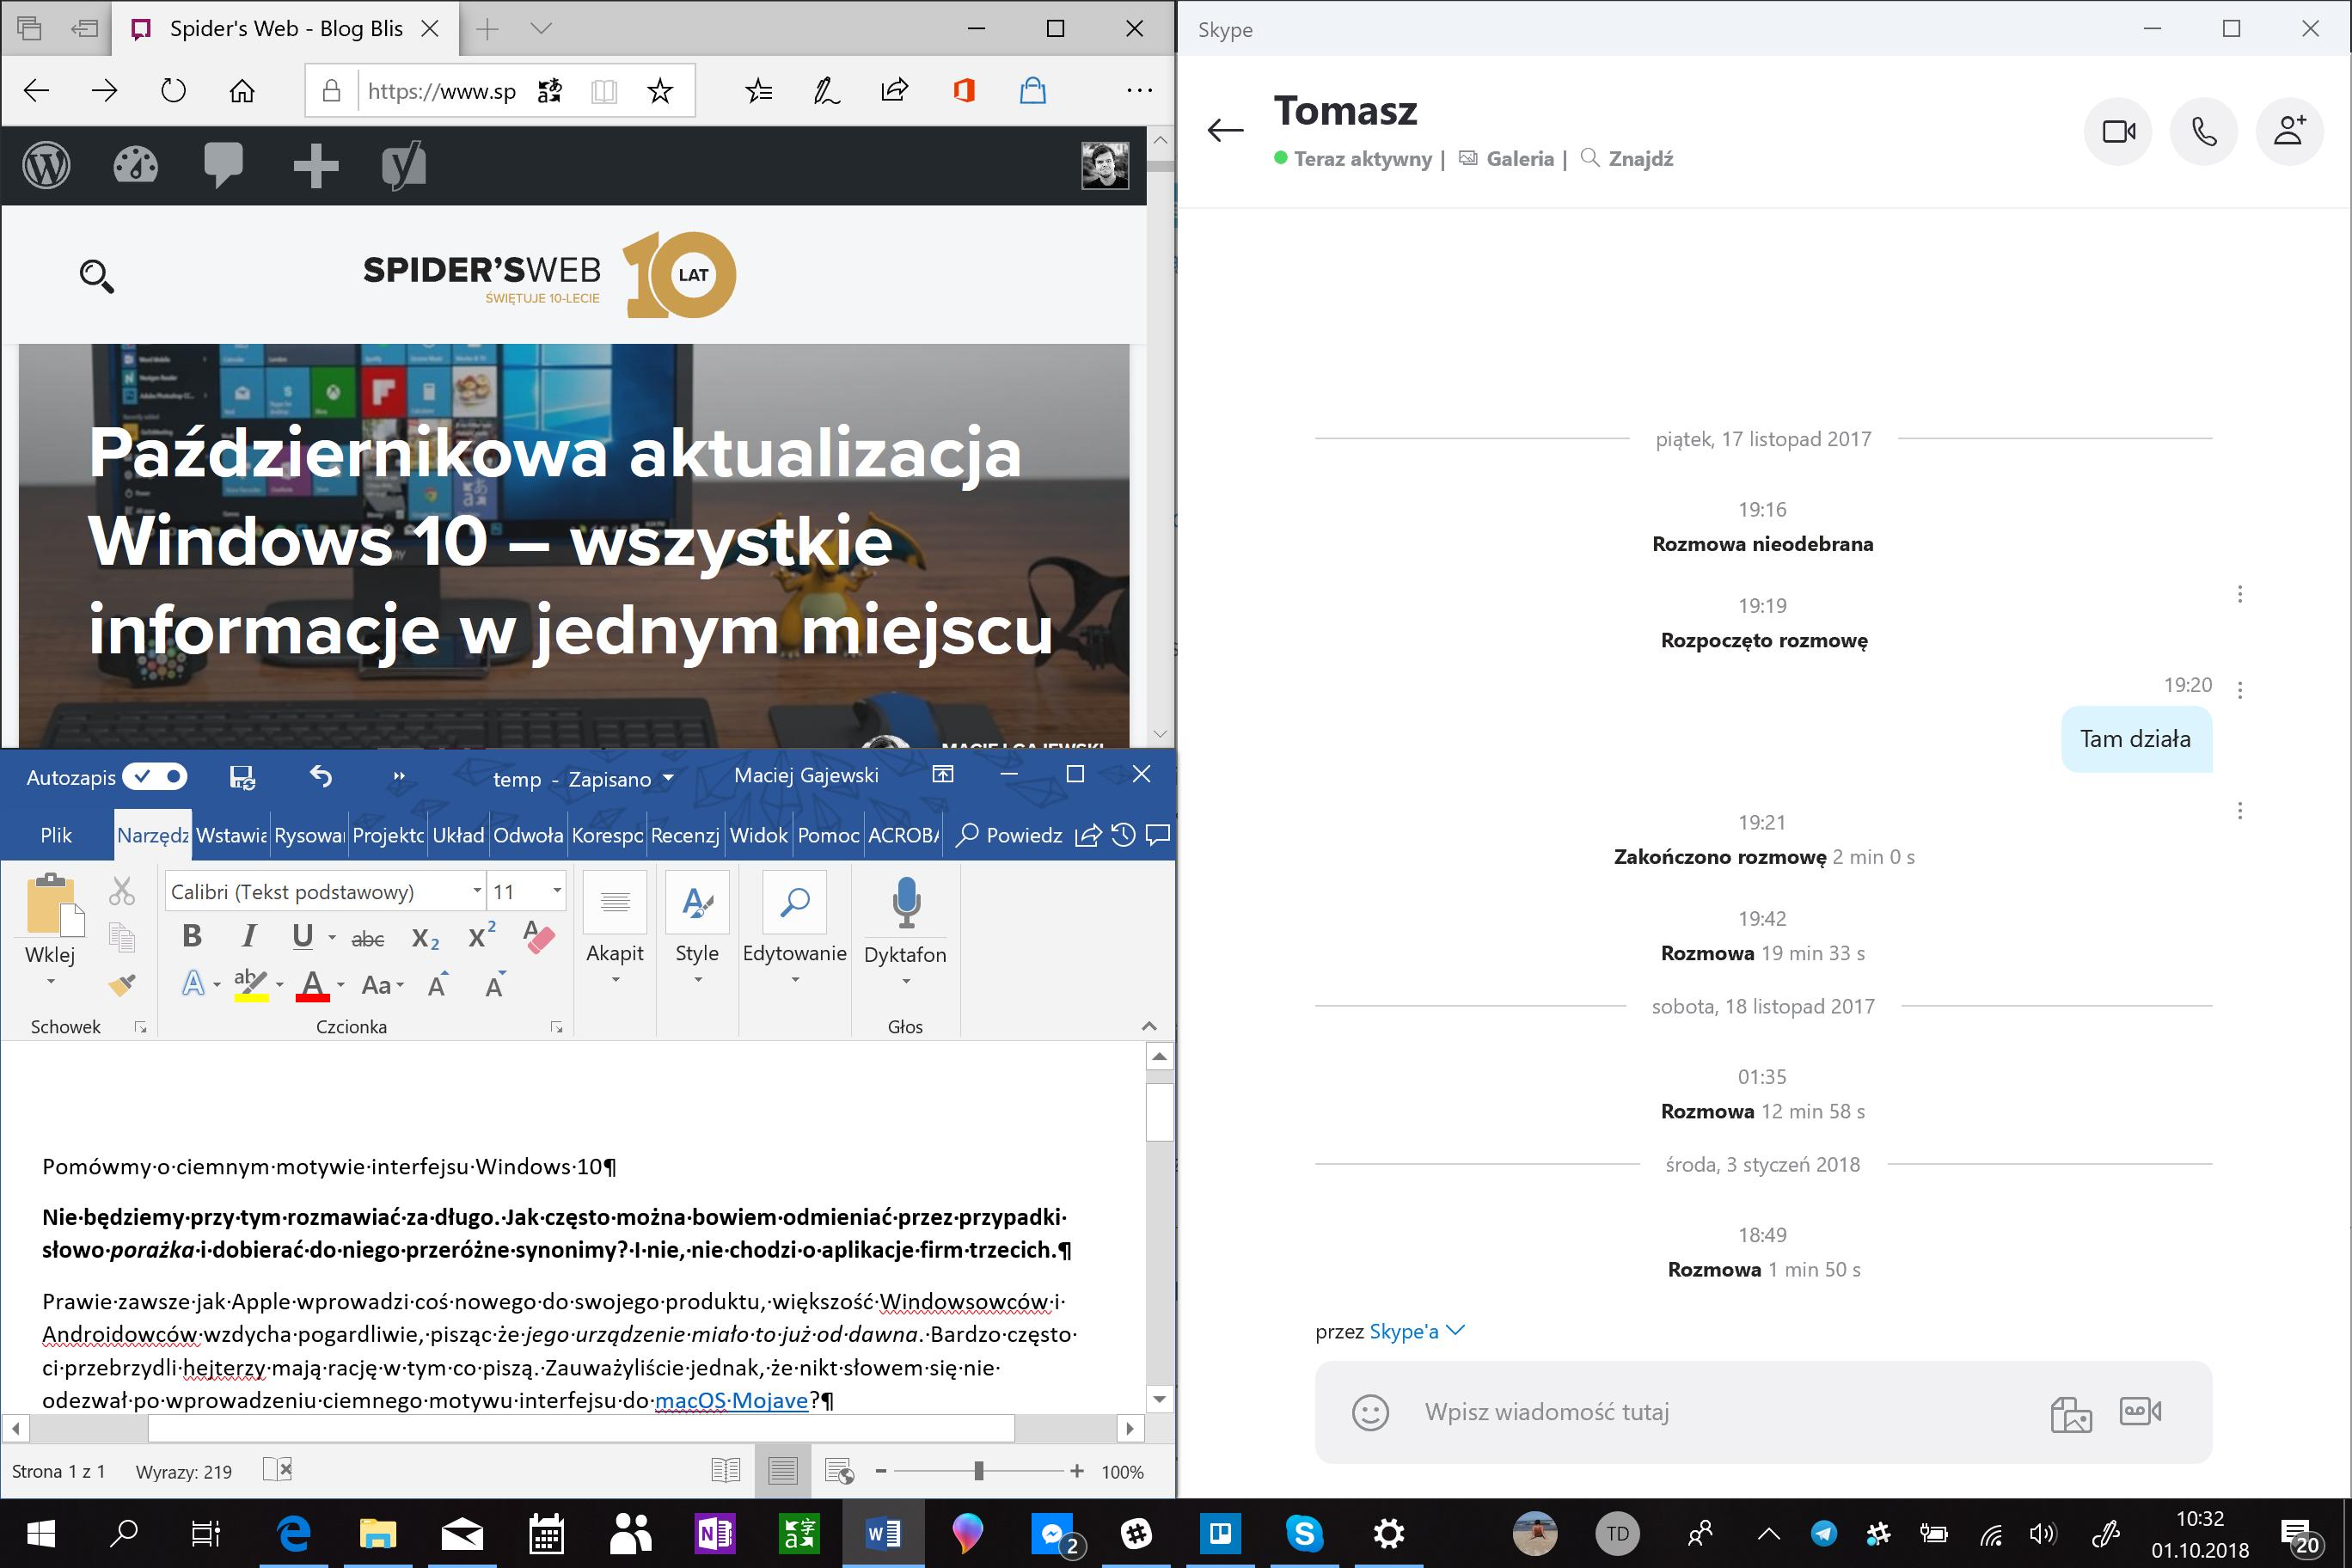 Windows 10 ciemny motyw